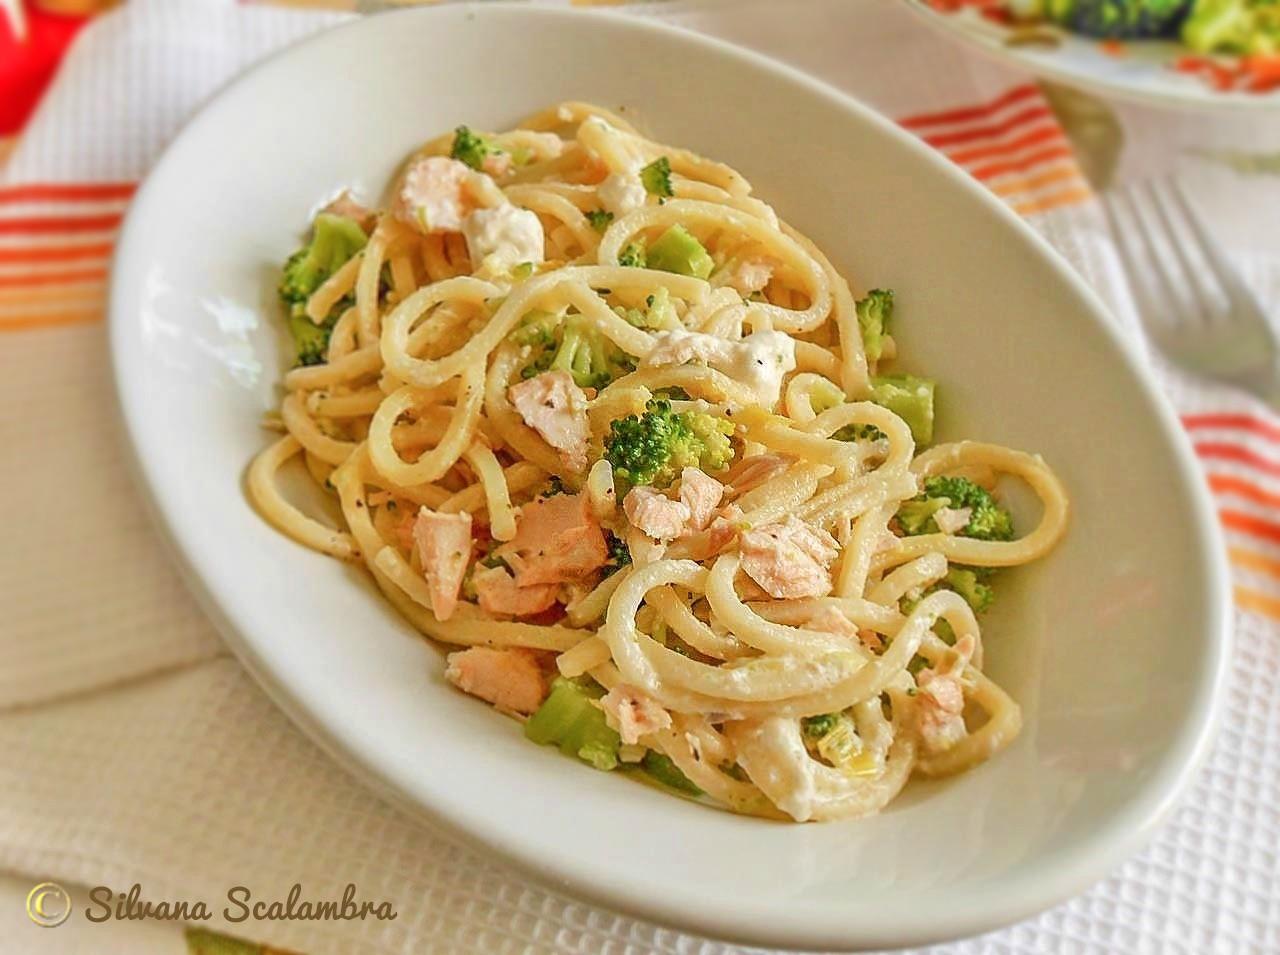 Pasta con salmone broccoli e stracciatella